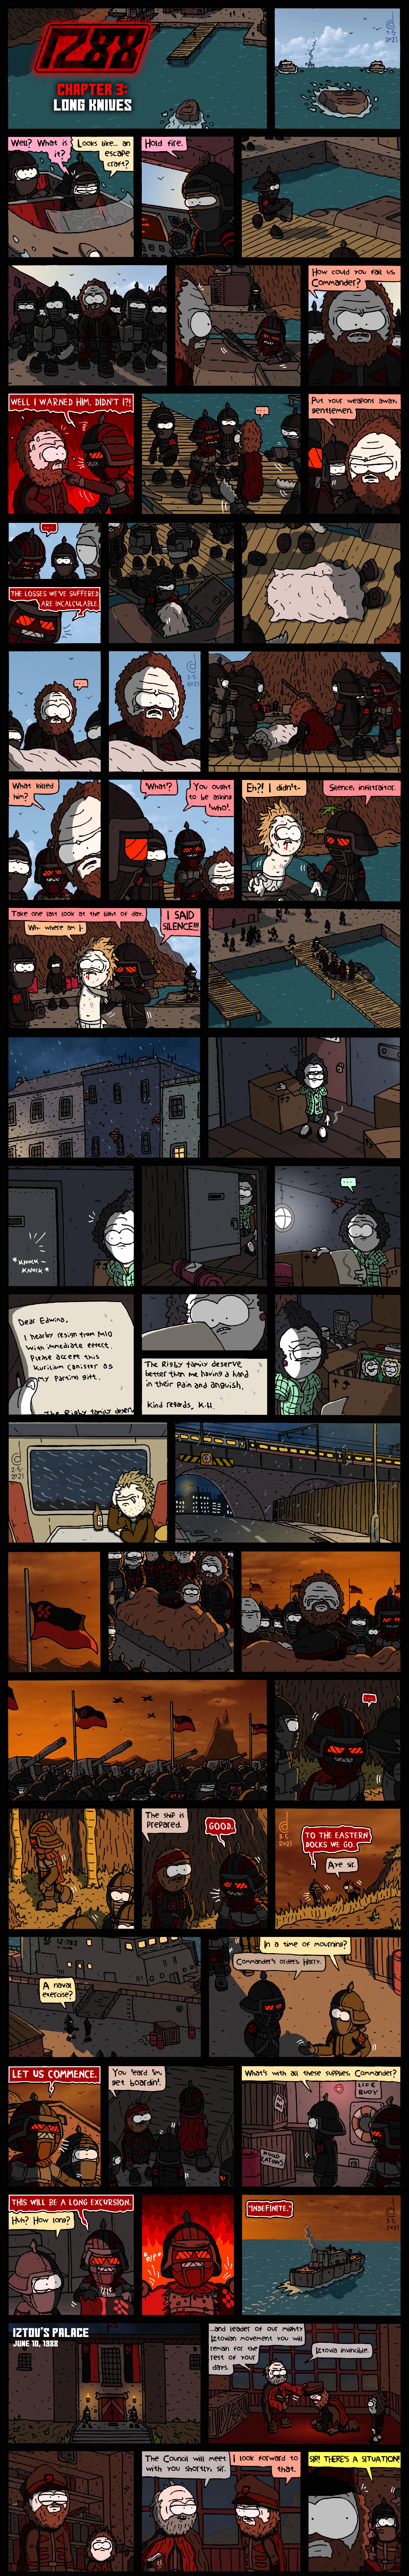 IZ88 Chapter 3: Long Knives